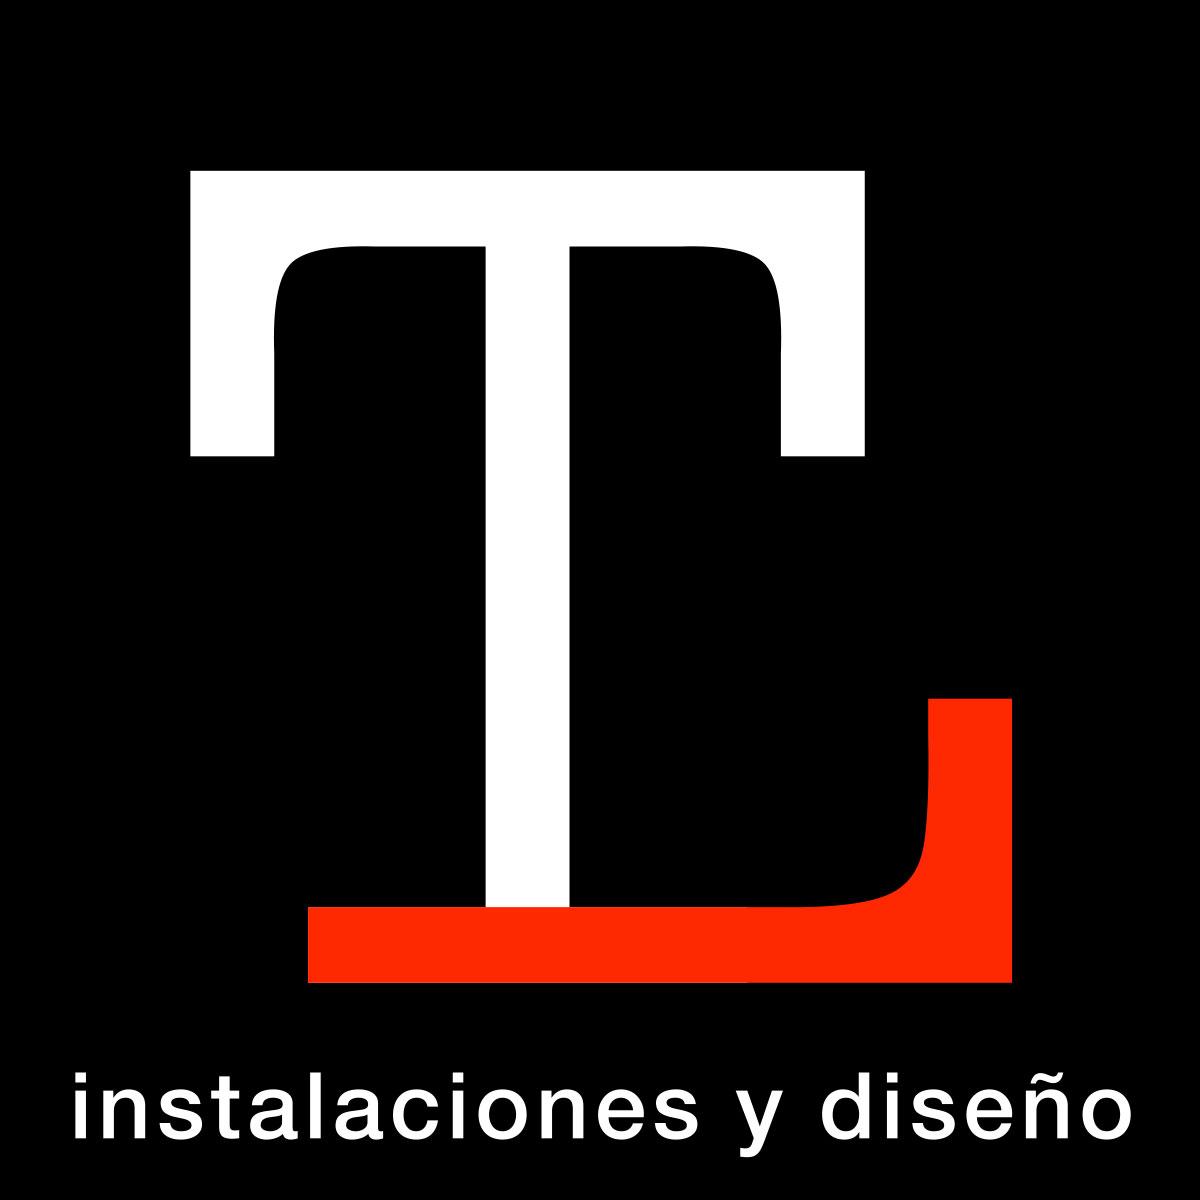 Logotipo Tuberlan